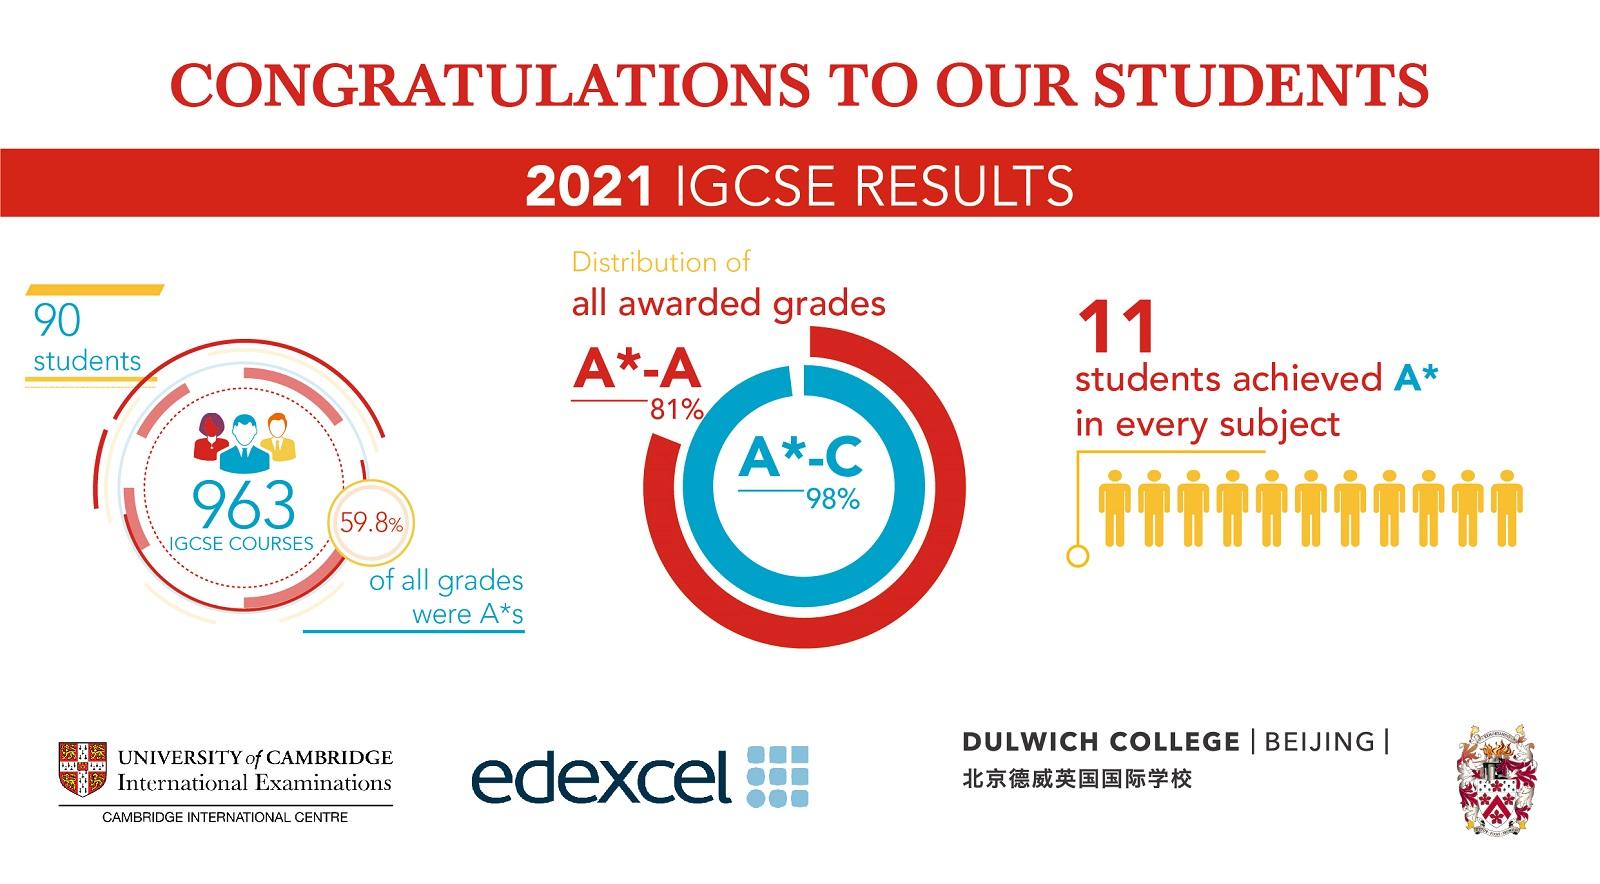 IGCSE 2021